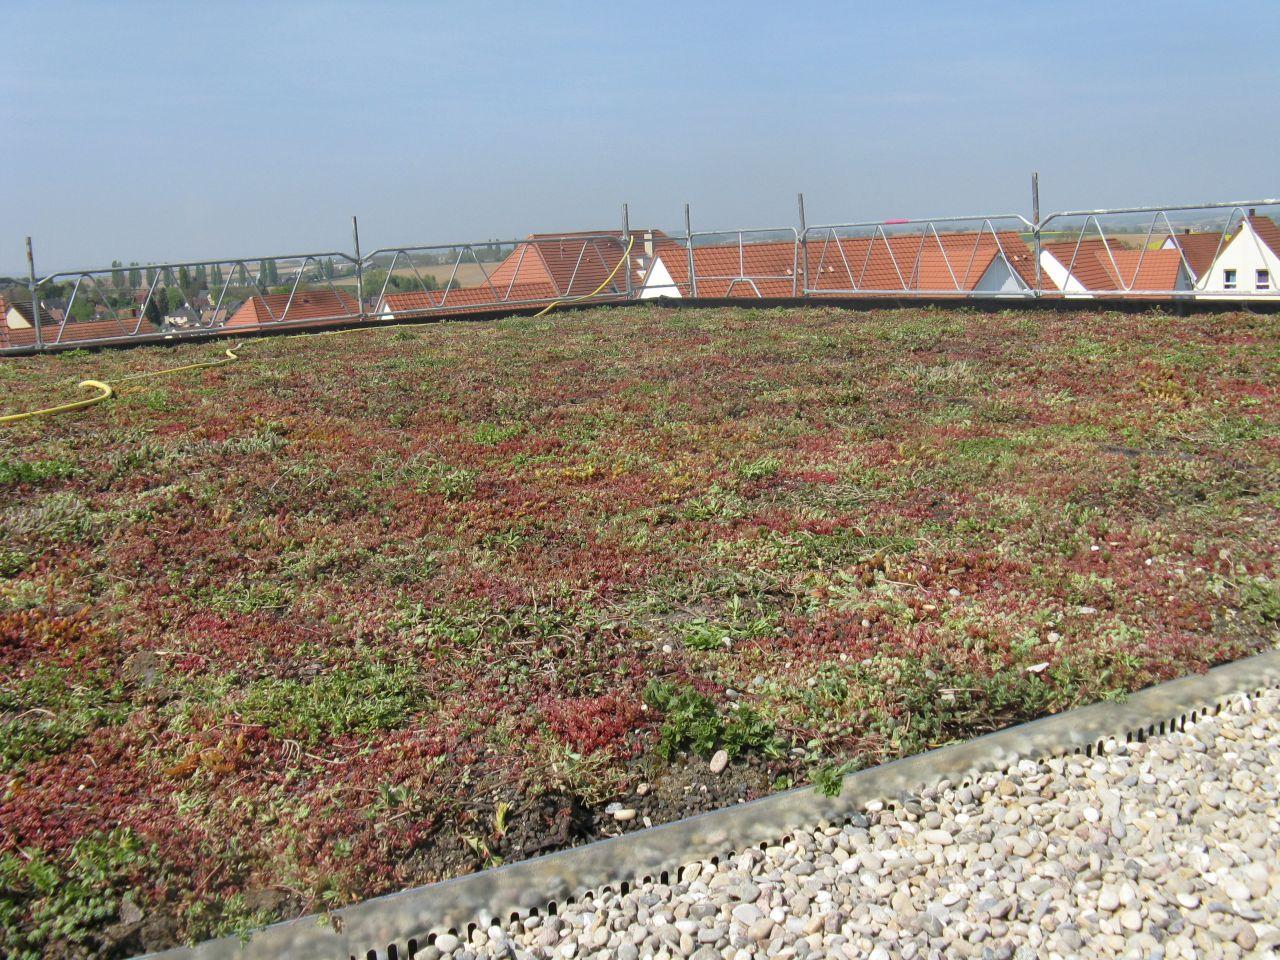 Un jardin au dessus des toits